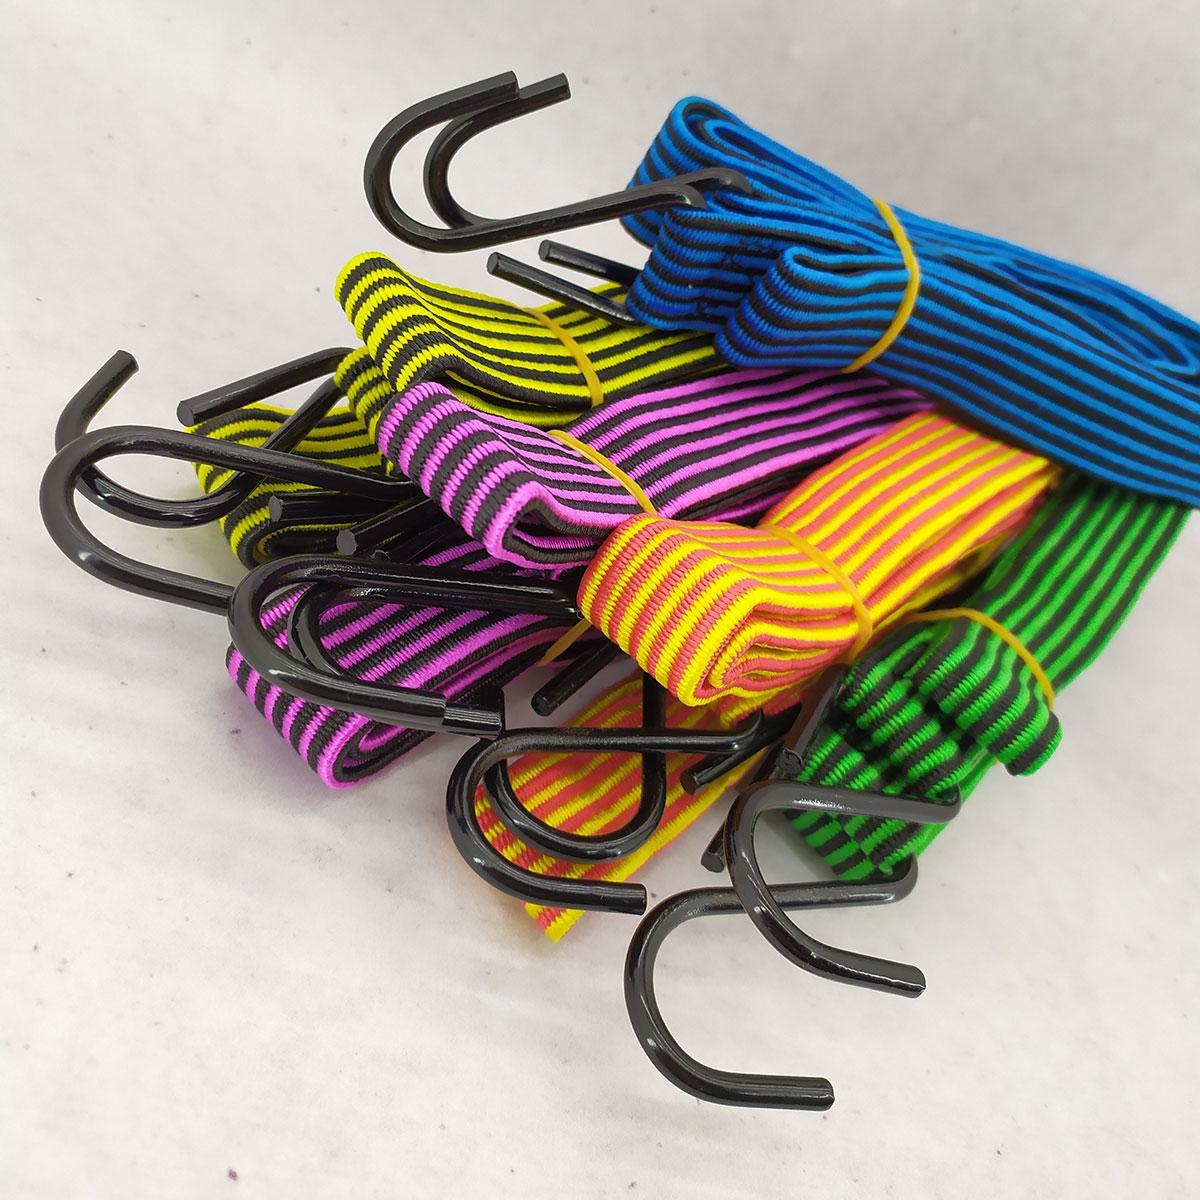 Резинка крепежная для багажа с крючками  2 м 10 шт/упак жгут резиновый